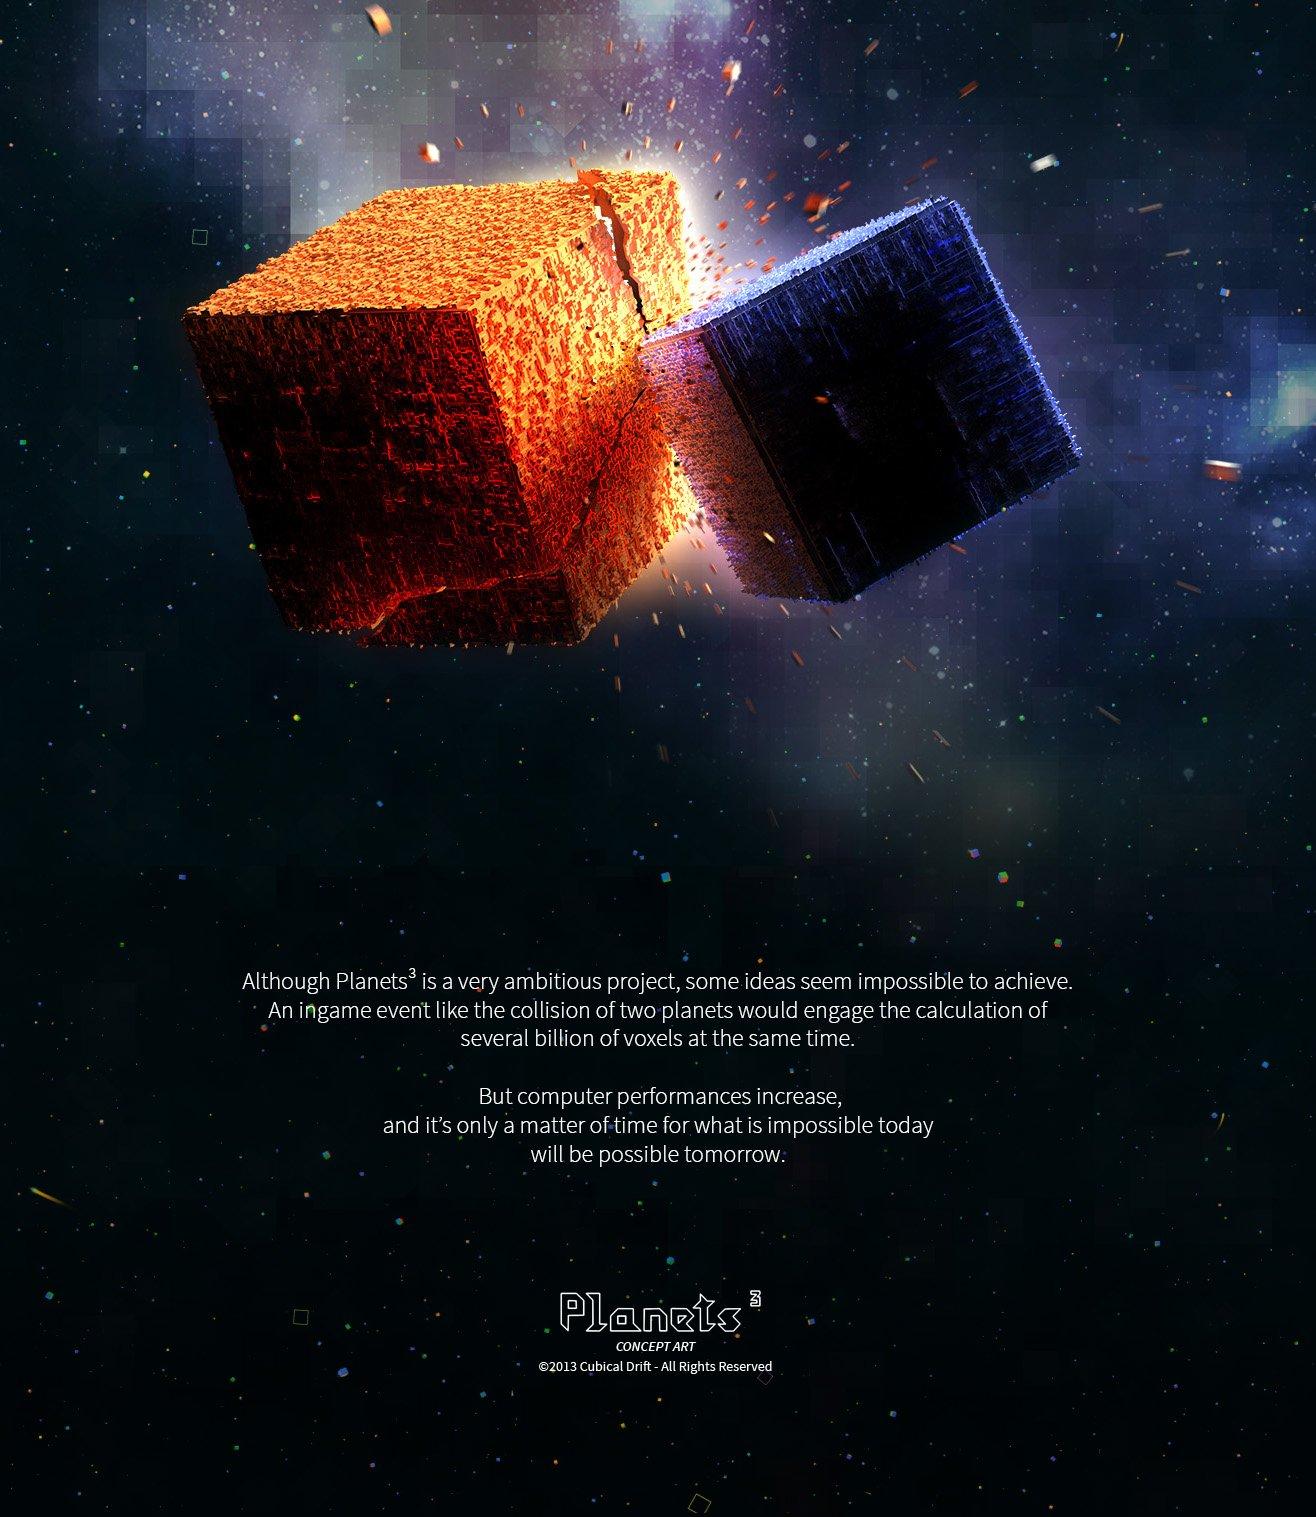 Гость с Kickstarter: Planets³ успешно завершила кампанию - Изображение 1